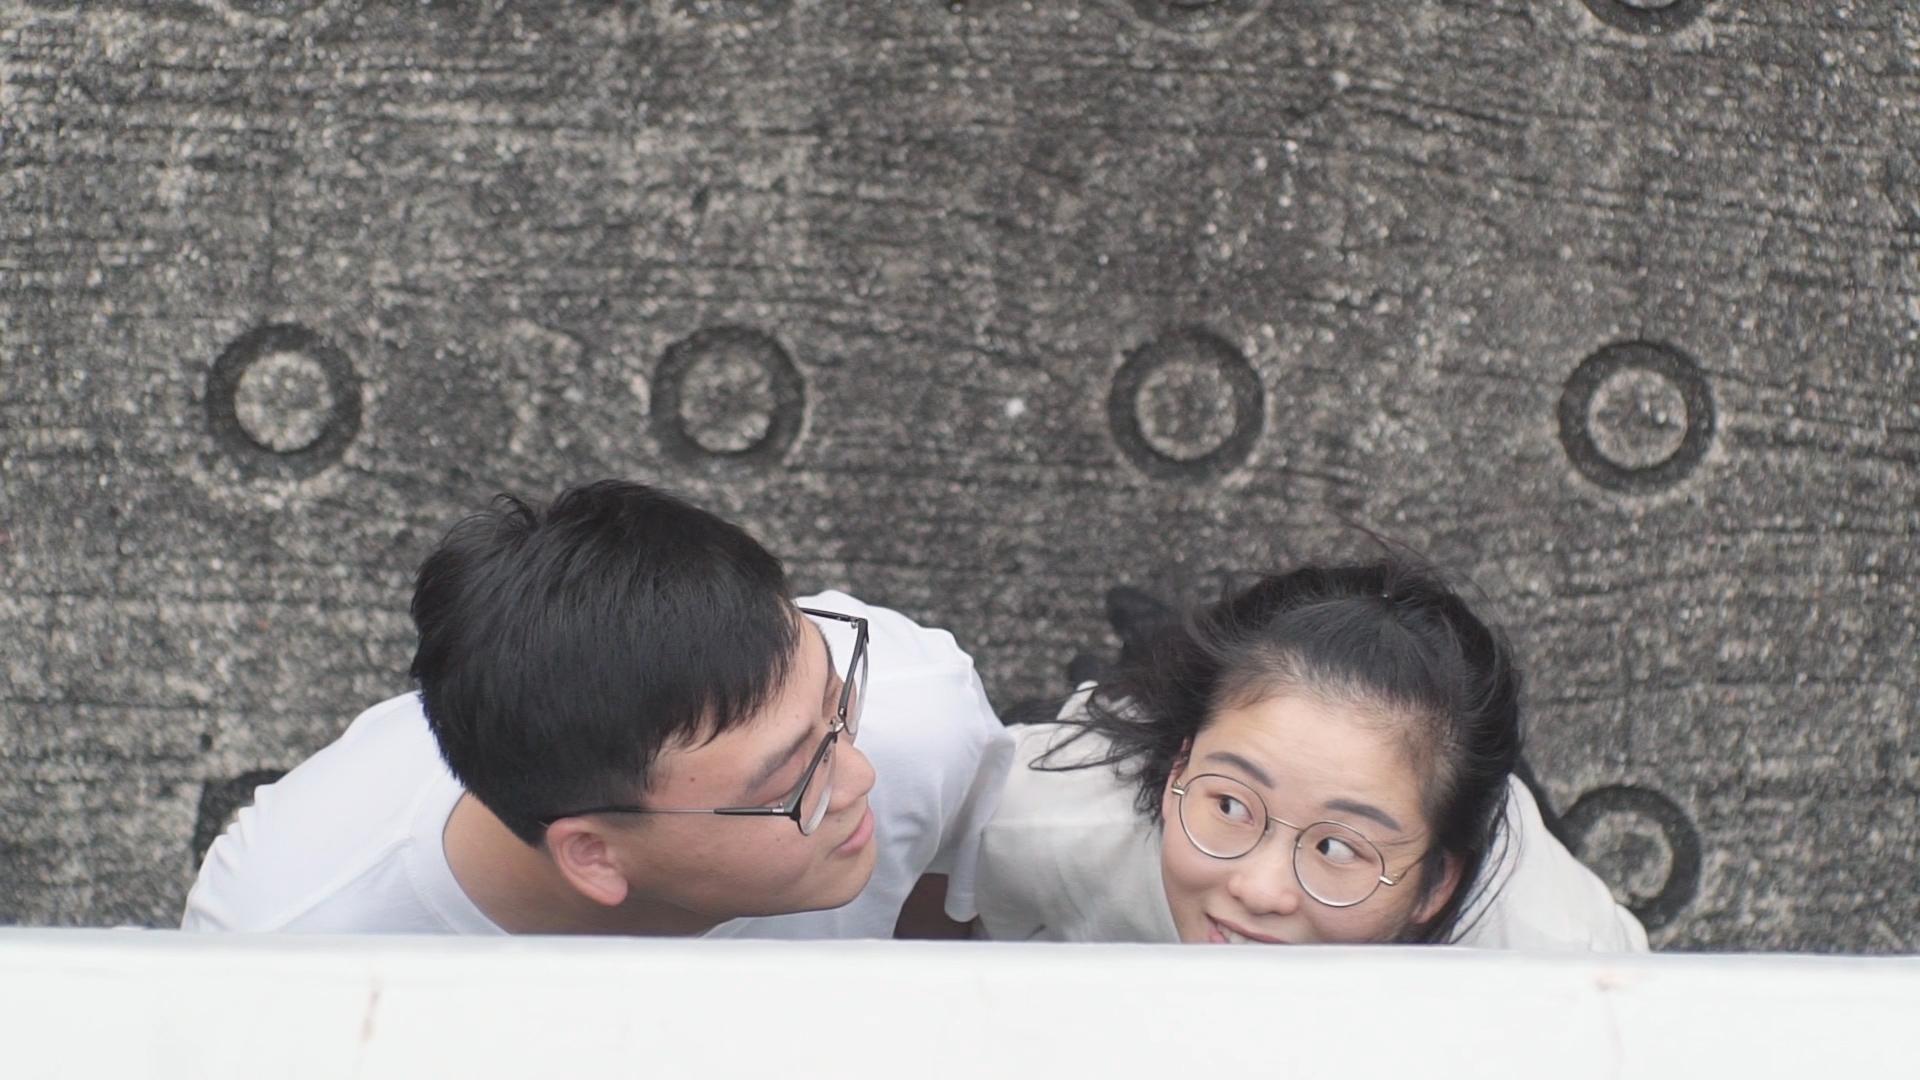 FFK_IG_59s_Screenshot_Cong Cong and Xin Jie_004.jpg